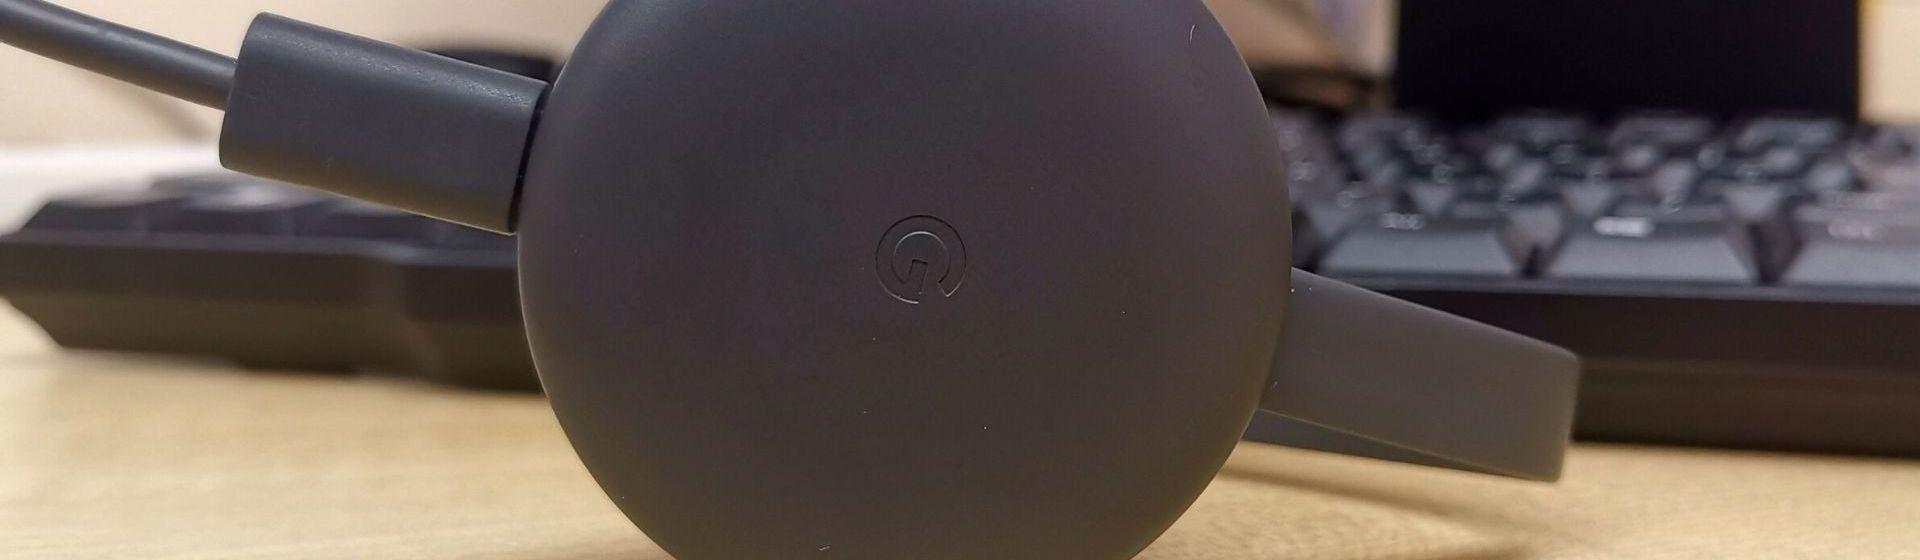 Chromecast não conecta no Wi-Fi? Veja como resolver